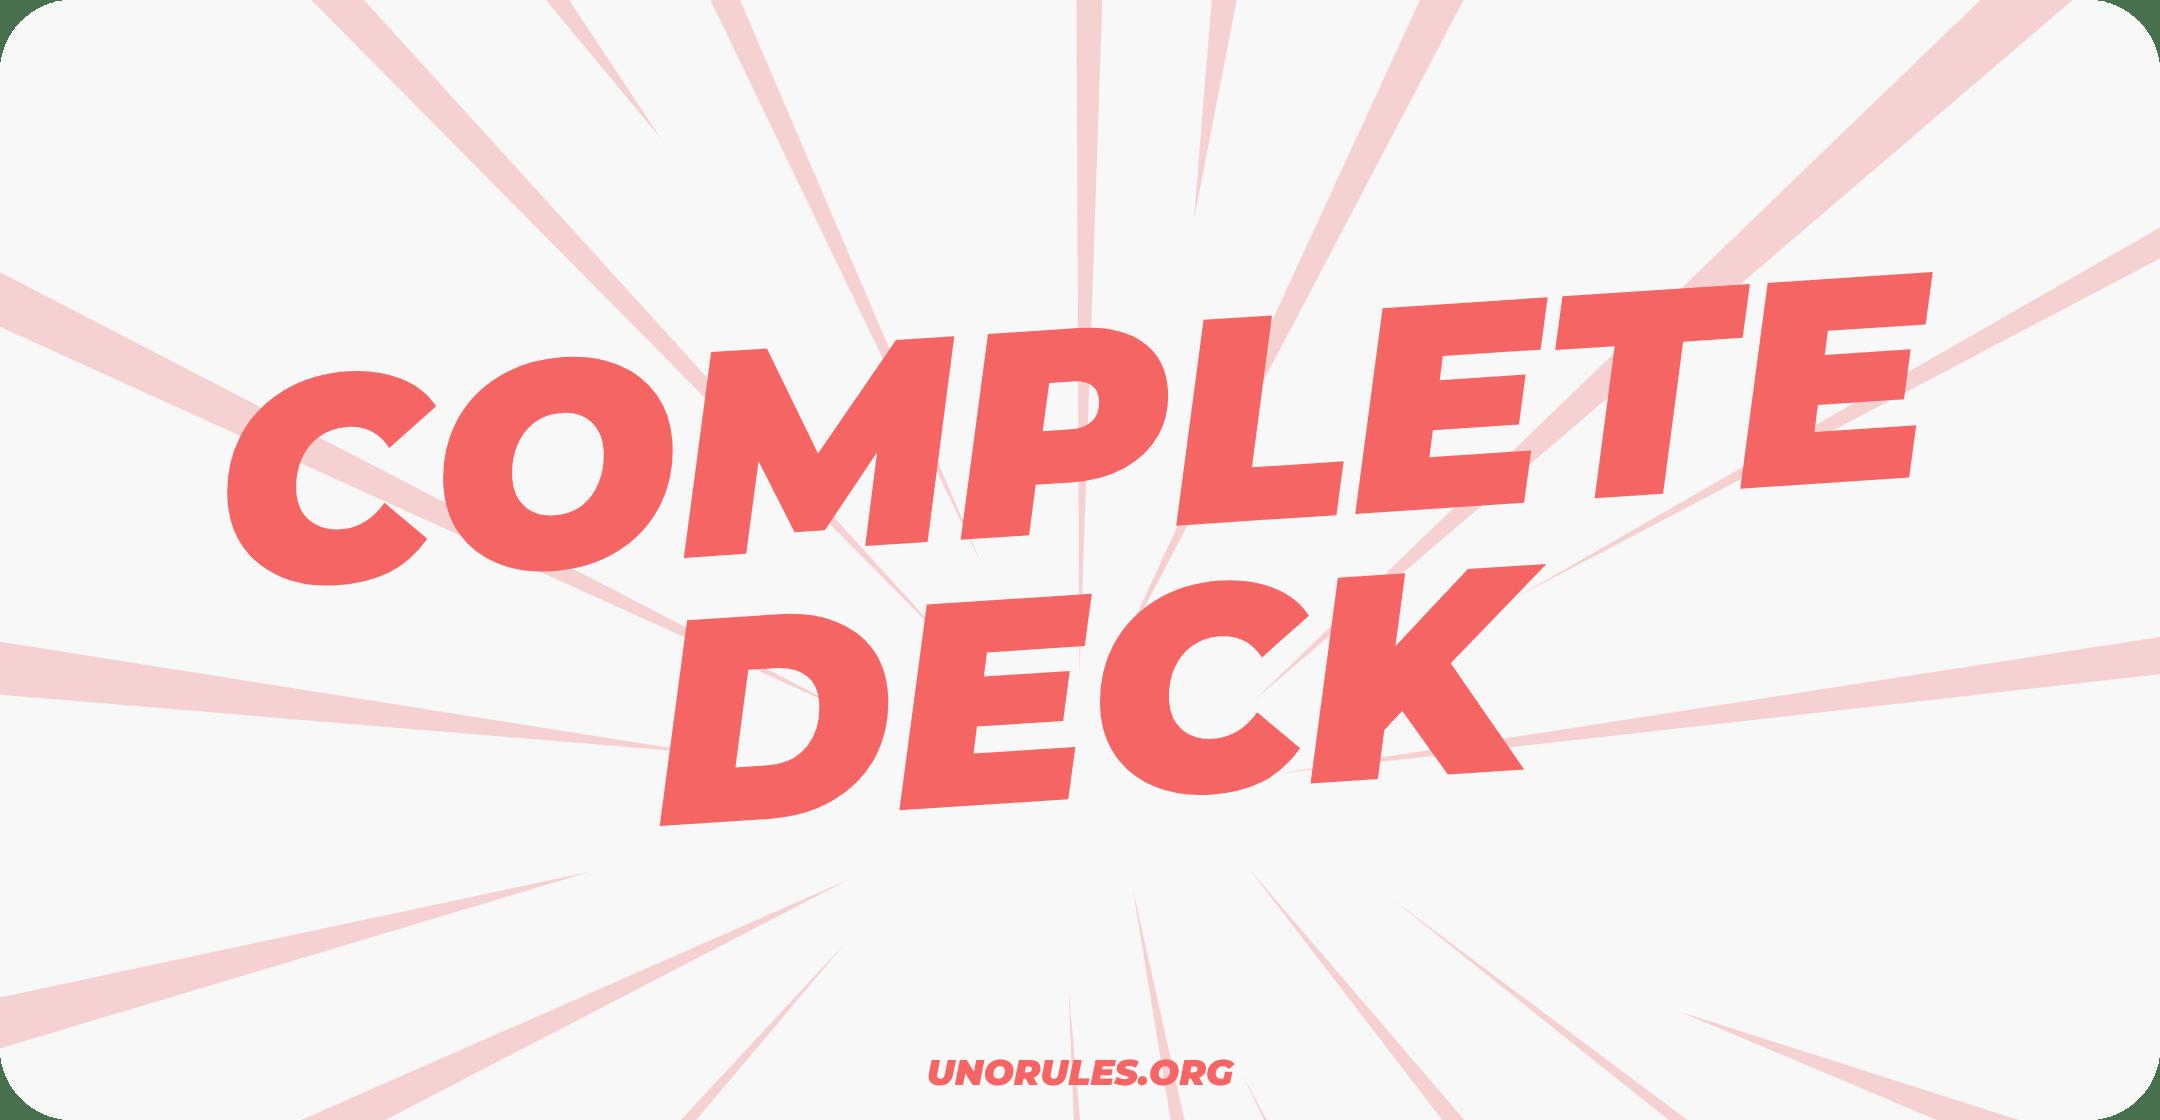 Complete deck